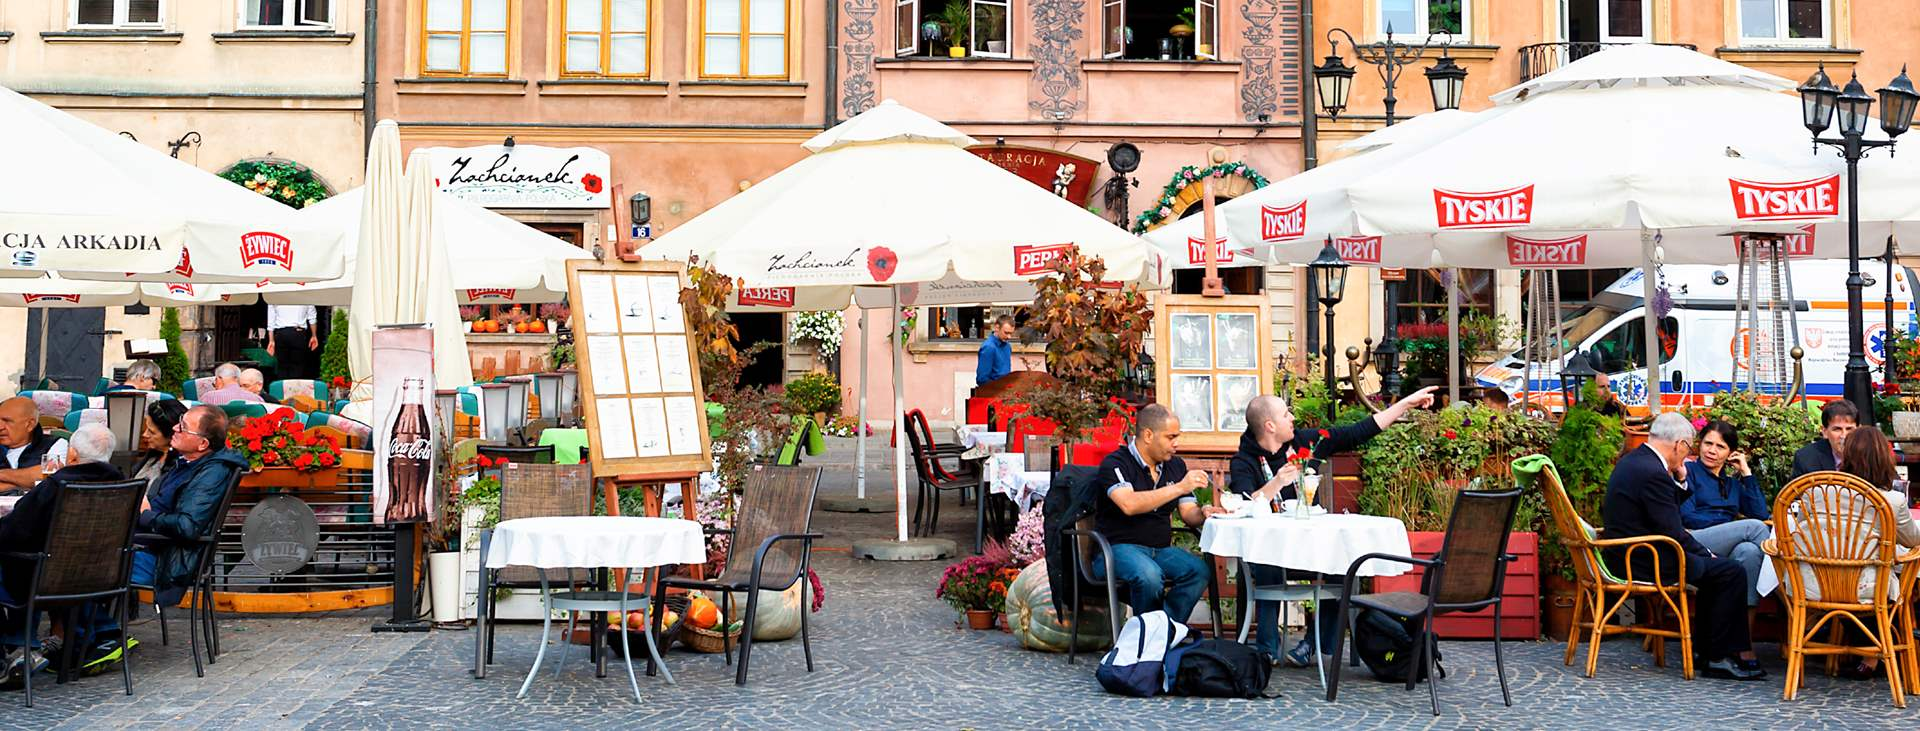 Boka en weekend till Polen med flyg och hotell